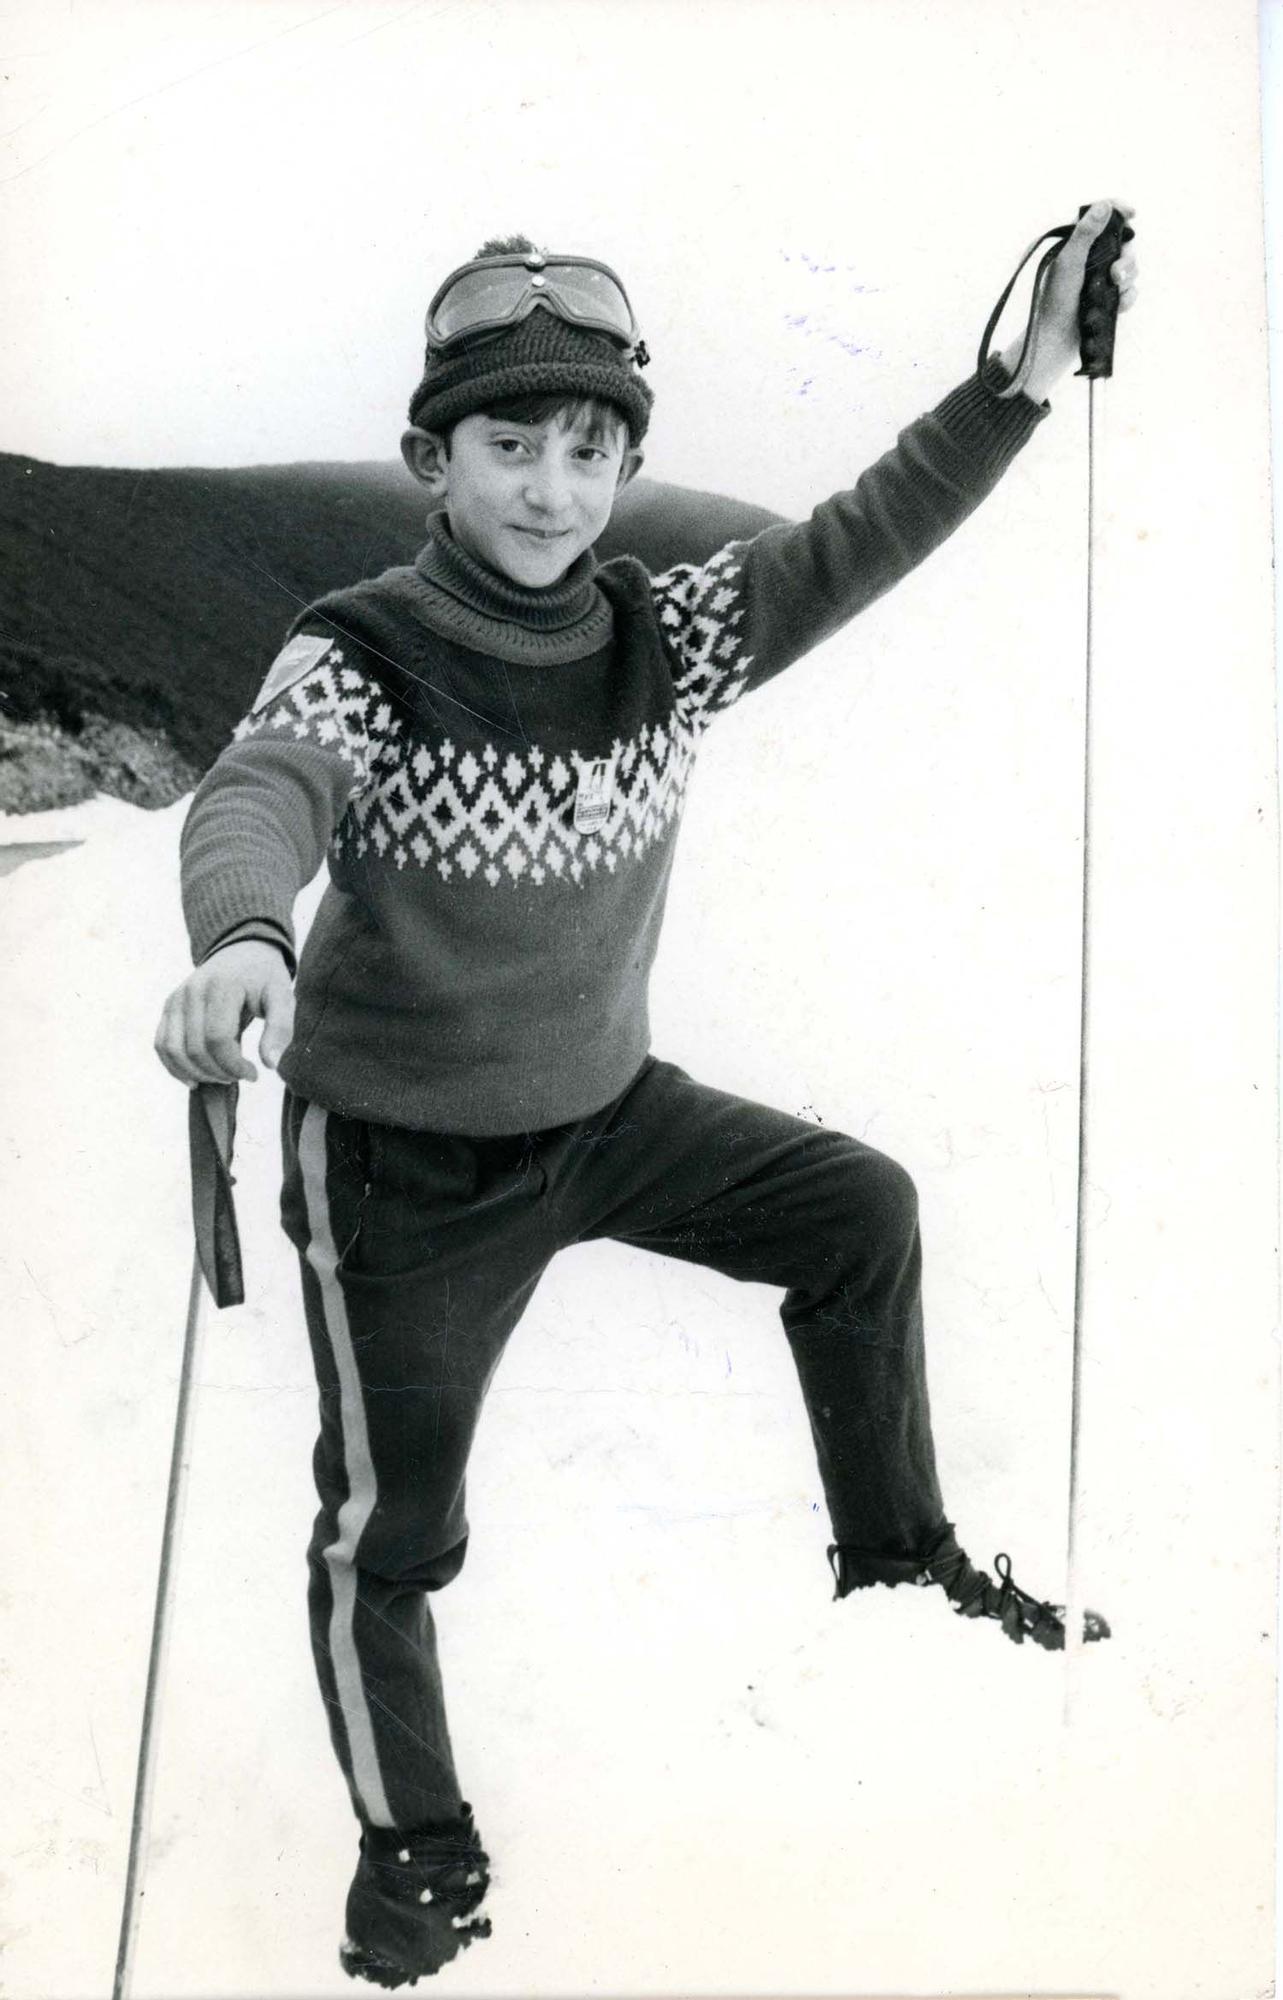 Estudio Fotomillo (Pola de Lena). José Luis Martínez, primer clasificado en alevines en un campeonato de esquí en el puerto de Pajares / Payares. | Donación María Luisa López Llano